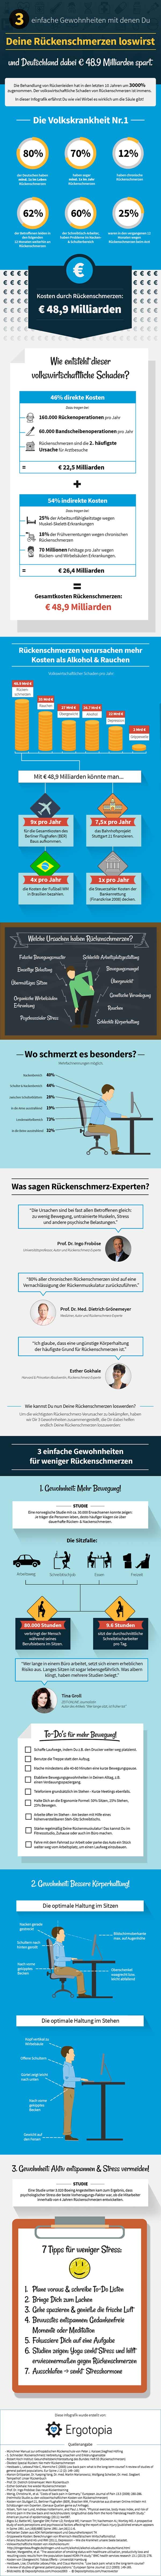 rueckenschmerzen-infografik-ergotopia-600px